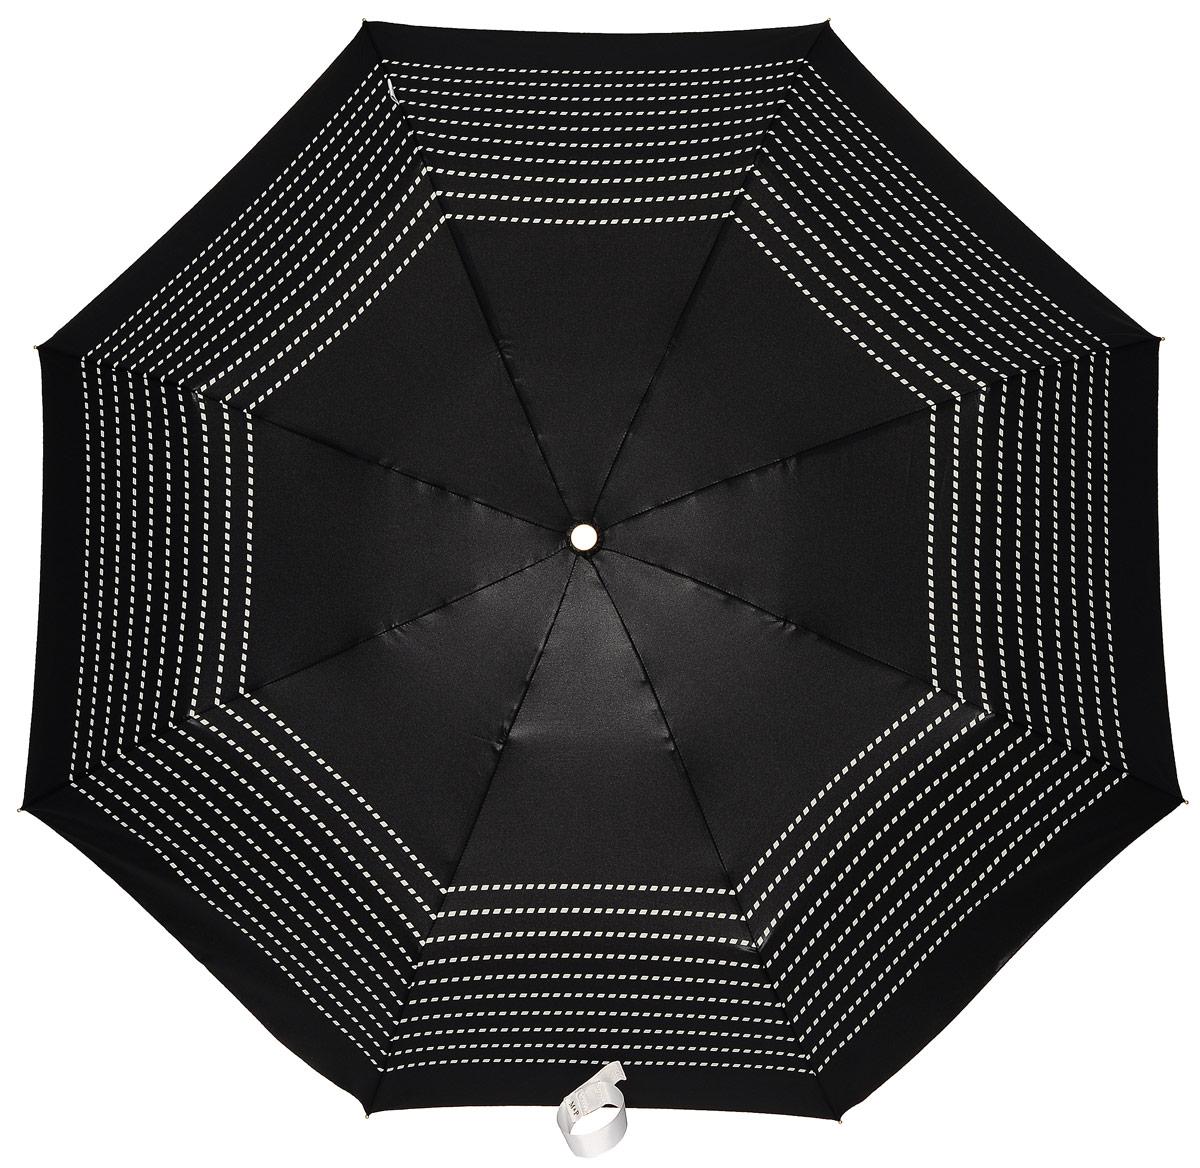 M&P 5789-5 Зонт полный автом. 3 сл. жен.REM12-CAM-GREENBLACKЗонт испанского производителя Clima. В производстве зонтов используются современные материалы, что делает зонты легкими, но в то же время крепкими.Полный автомат, 3 сложения, 7 спиц, полиэстер.